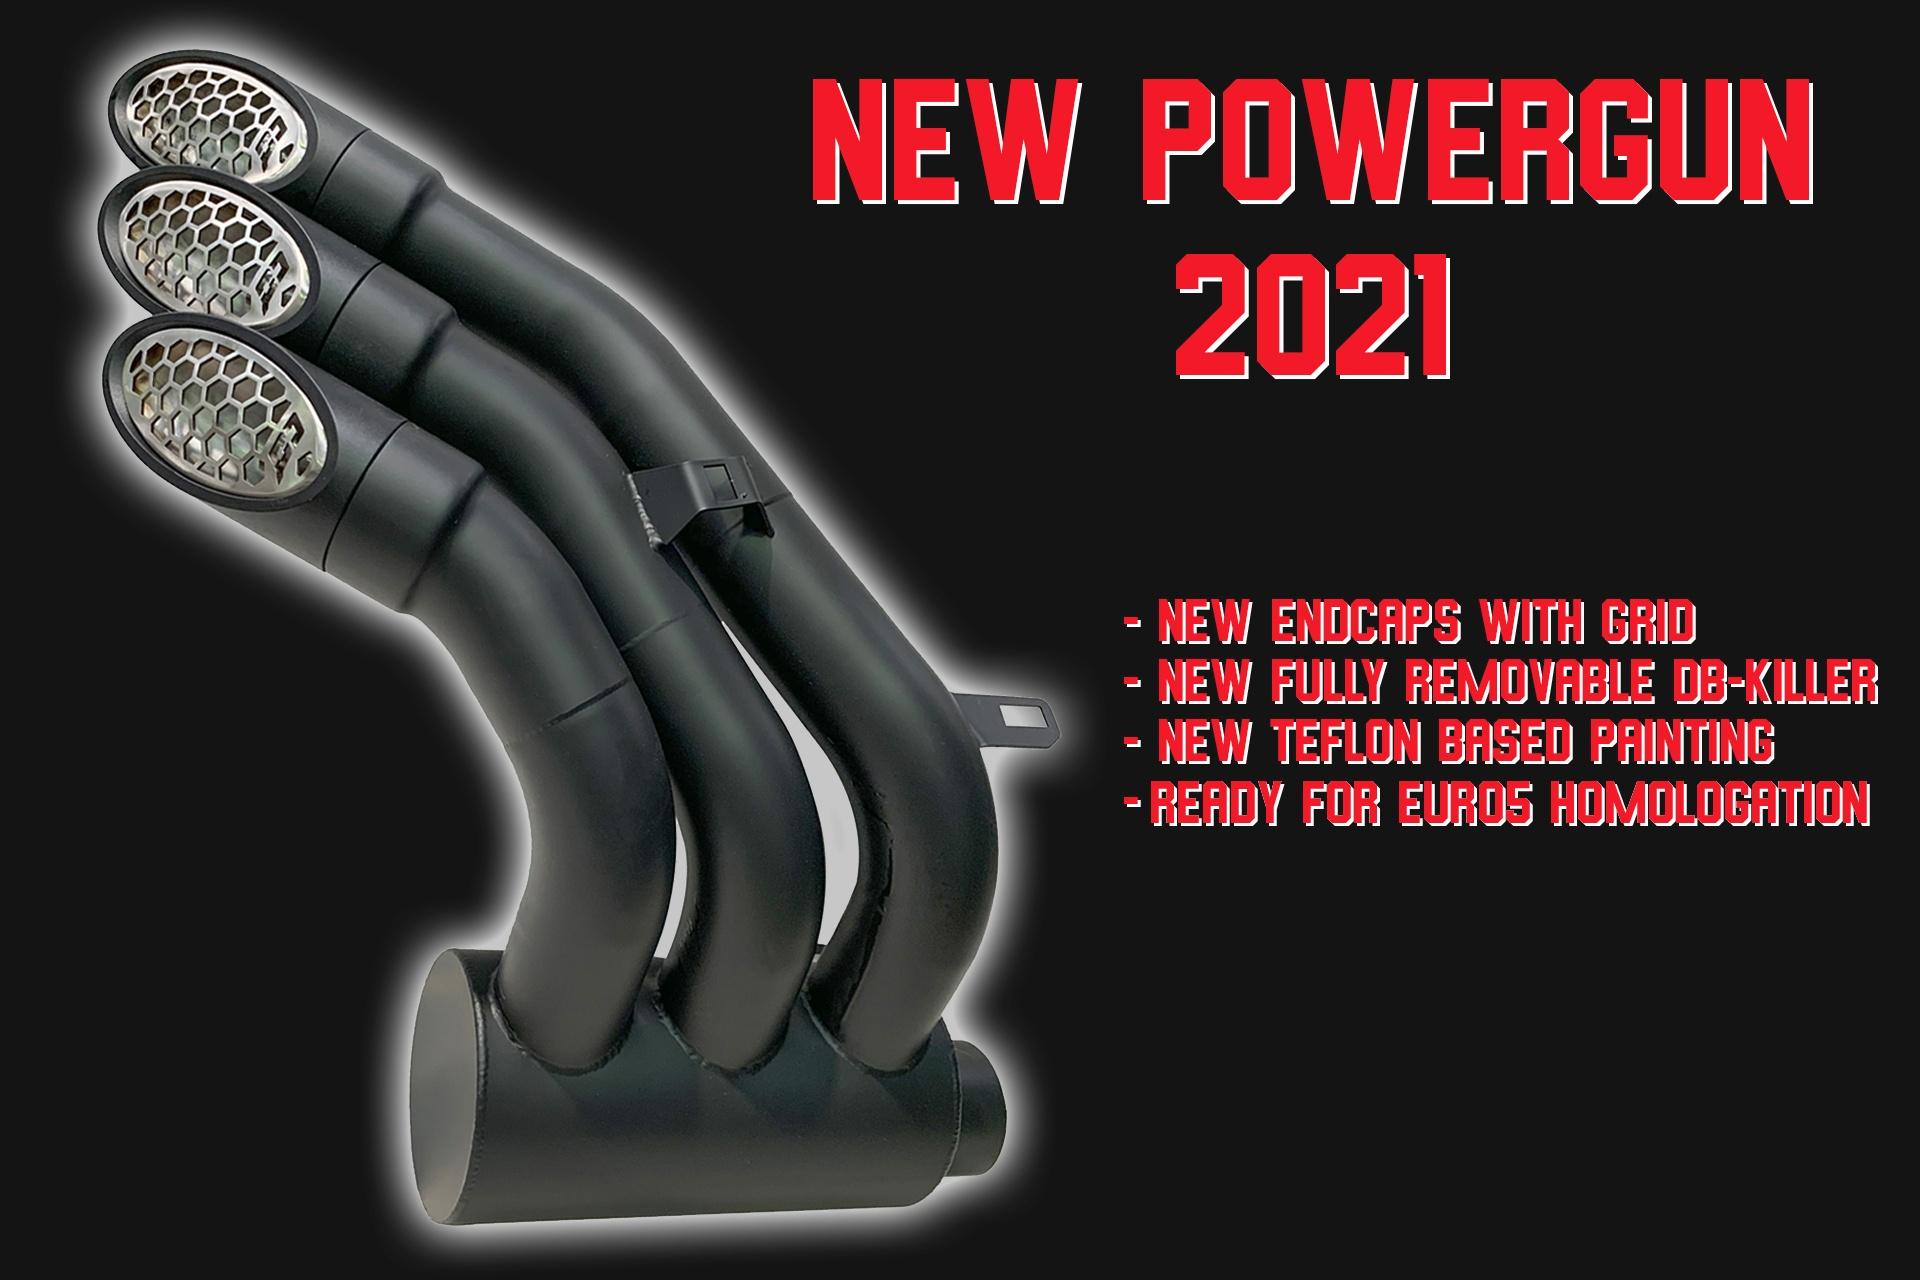 qd-exhaust-mv-agusta-power-gun-dark-2021